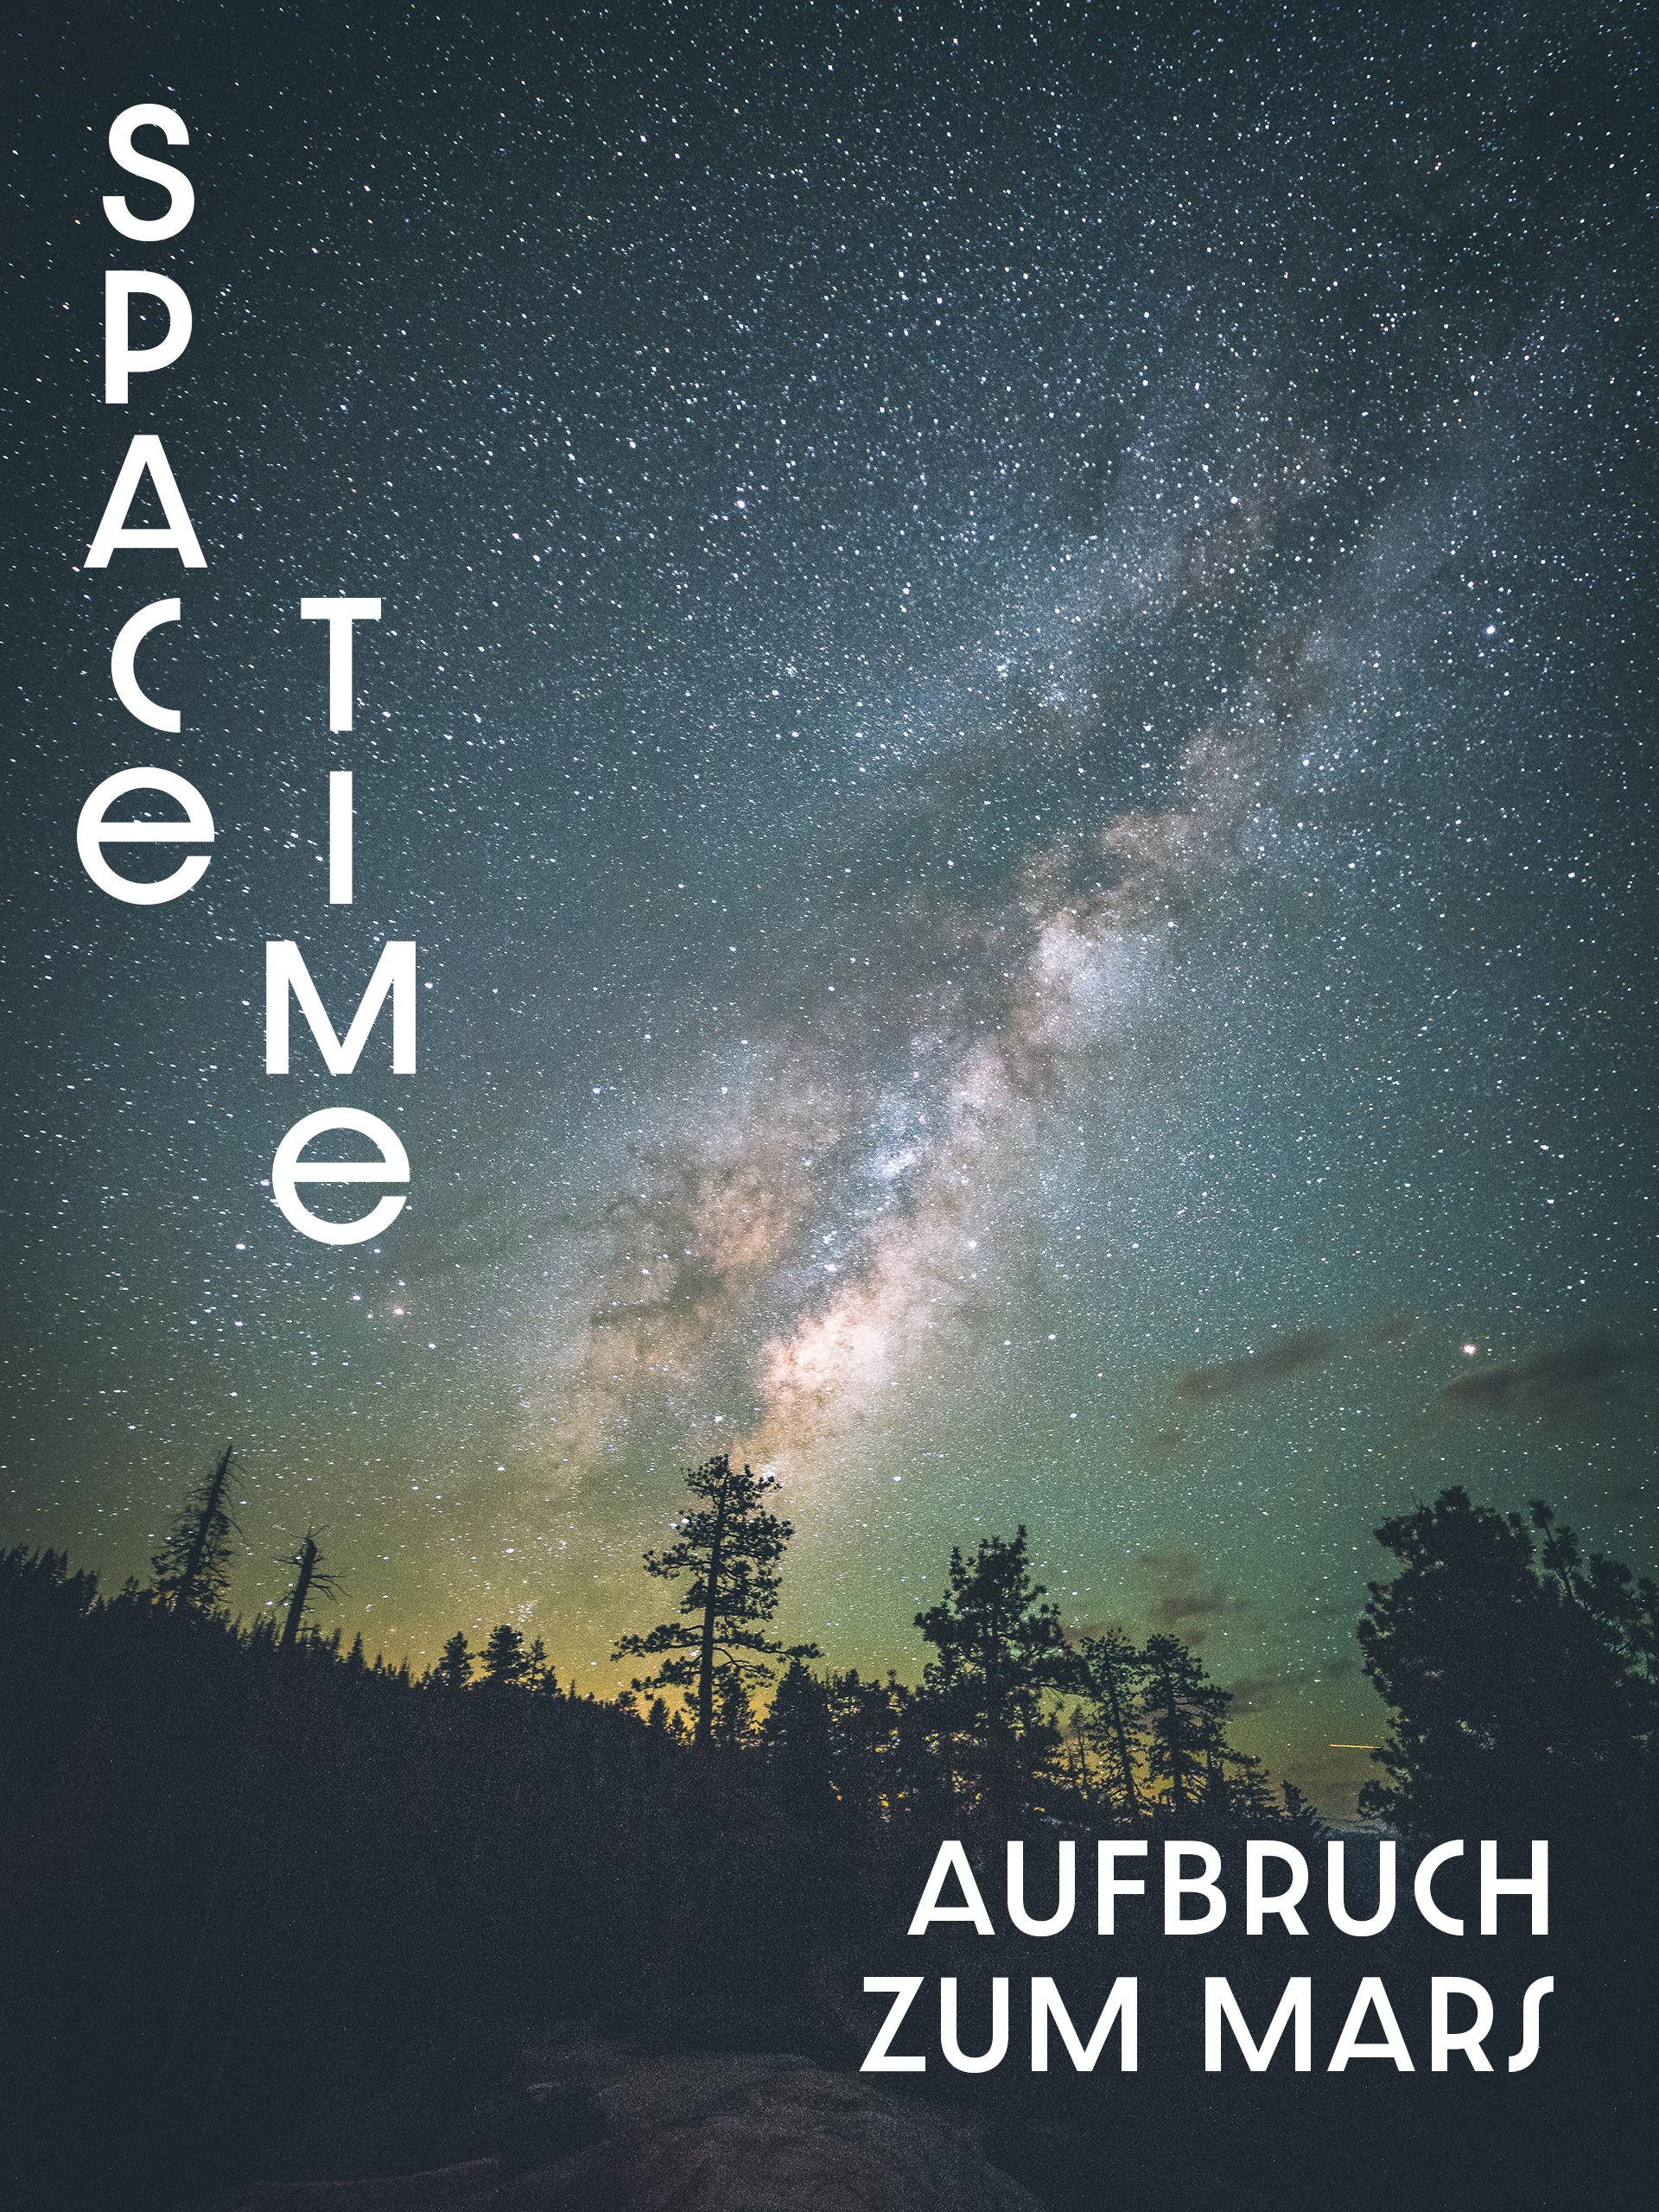 Spacetime: Aufbruch zum Mars - Ein Planet wird erobert